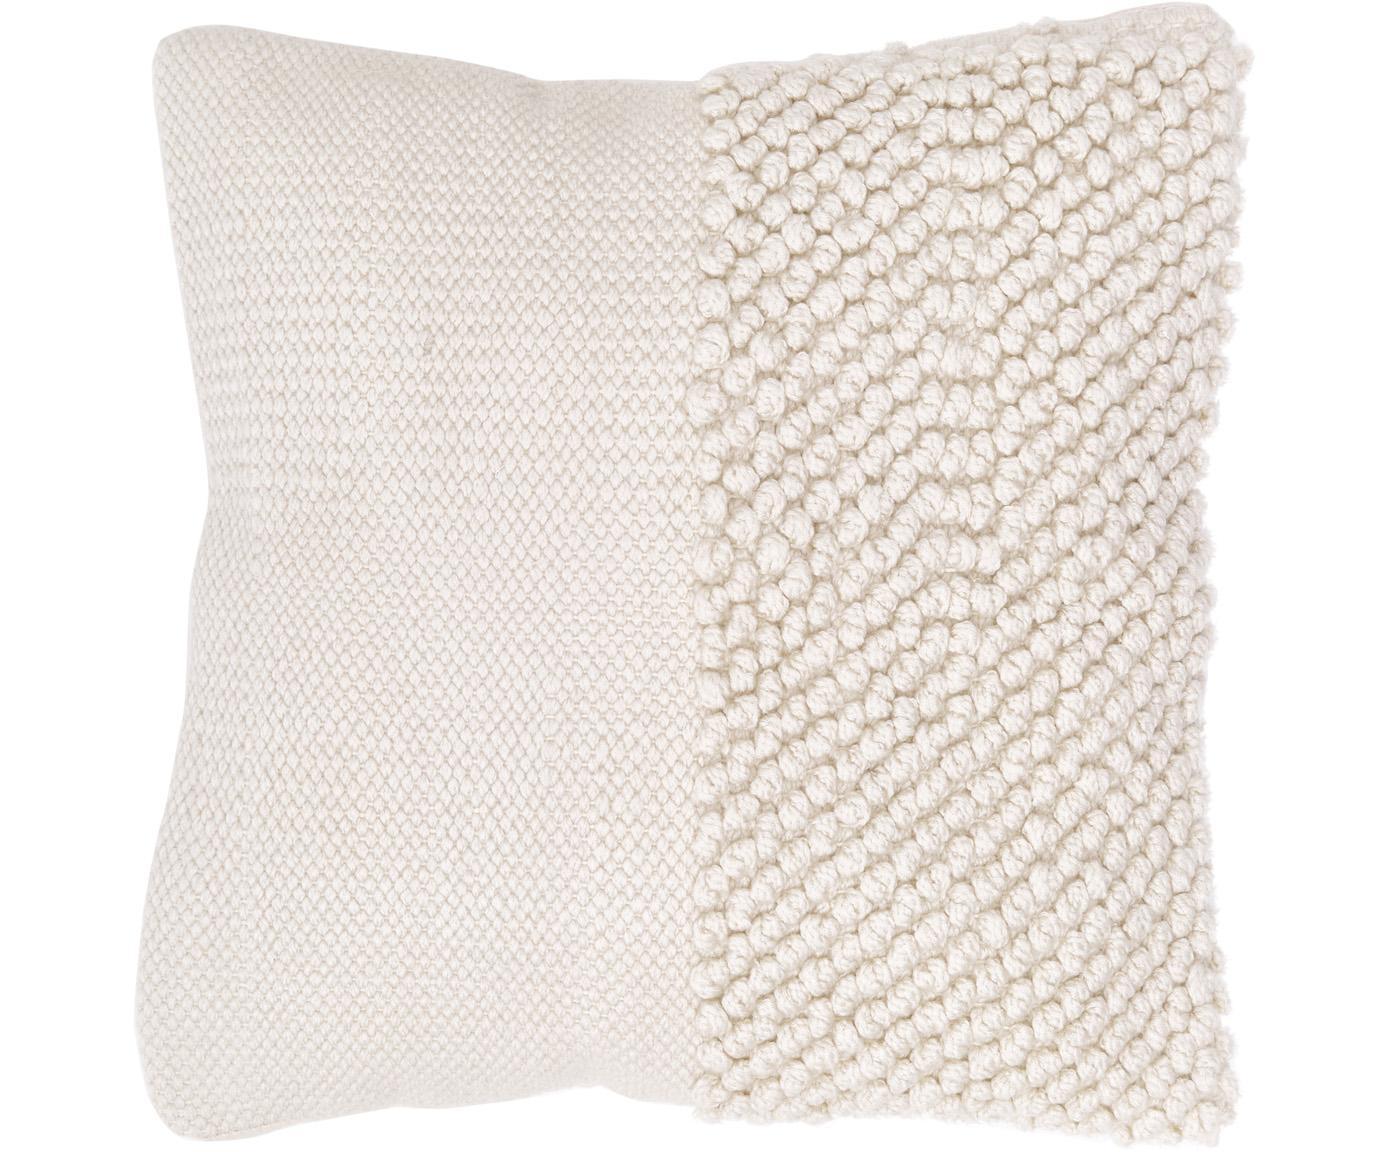 Federa arredo Andi, 80% acrilico, 20% cotone, Bianco crema, Larg. 40 x Lung. 40 cm